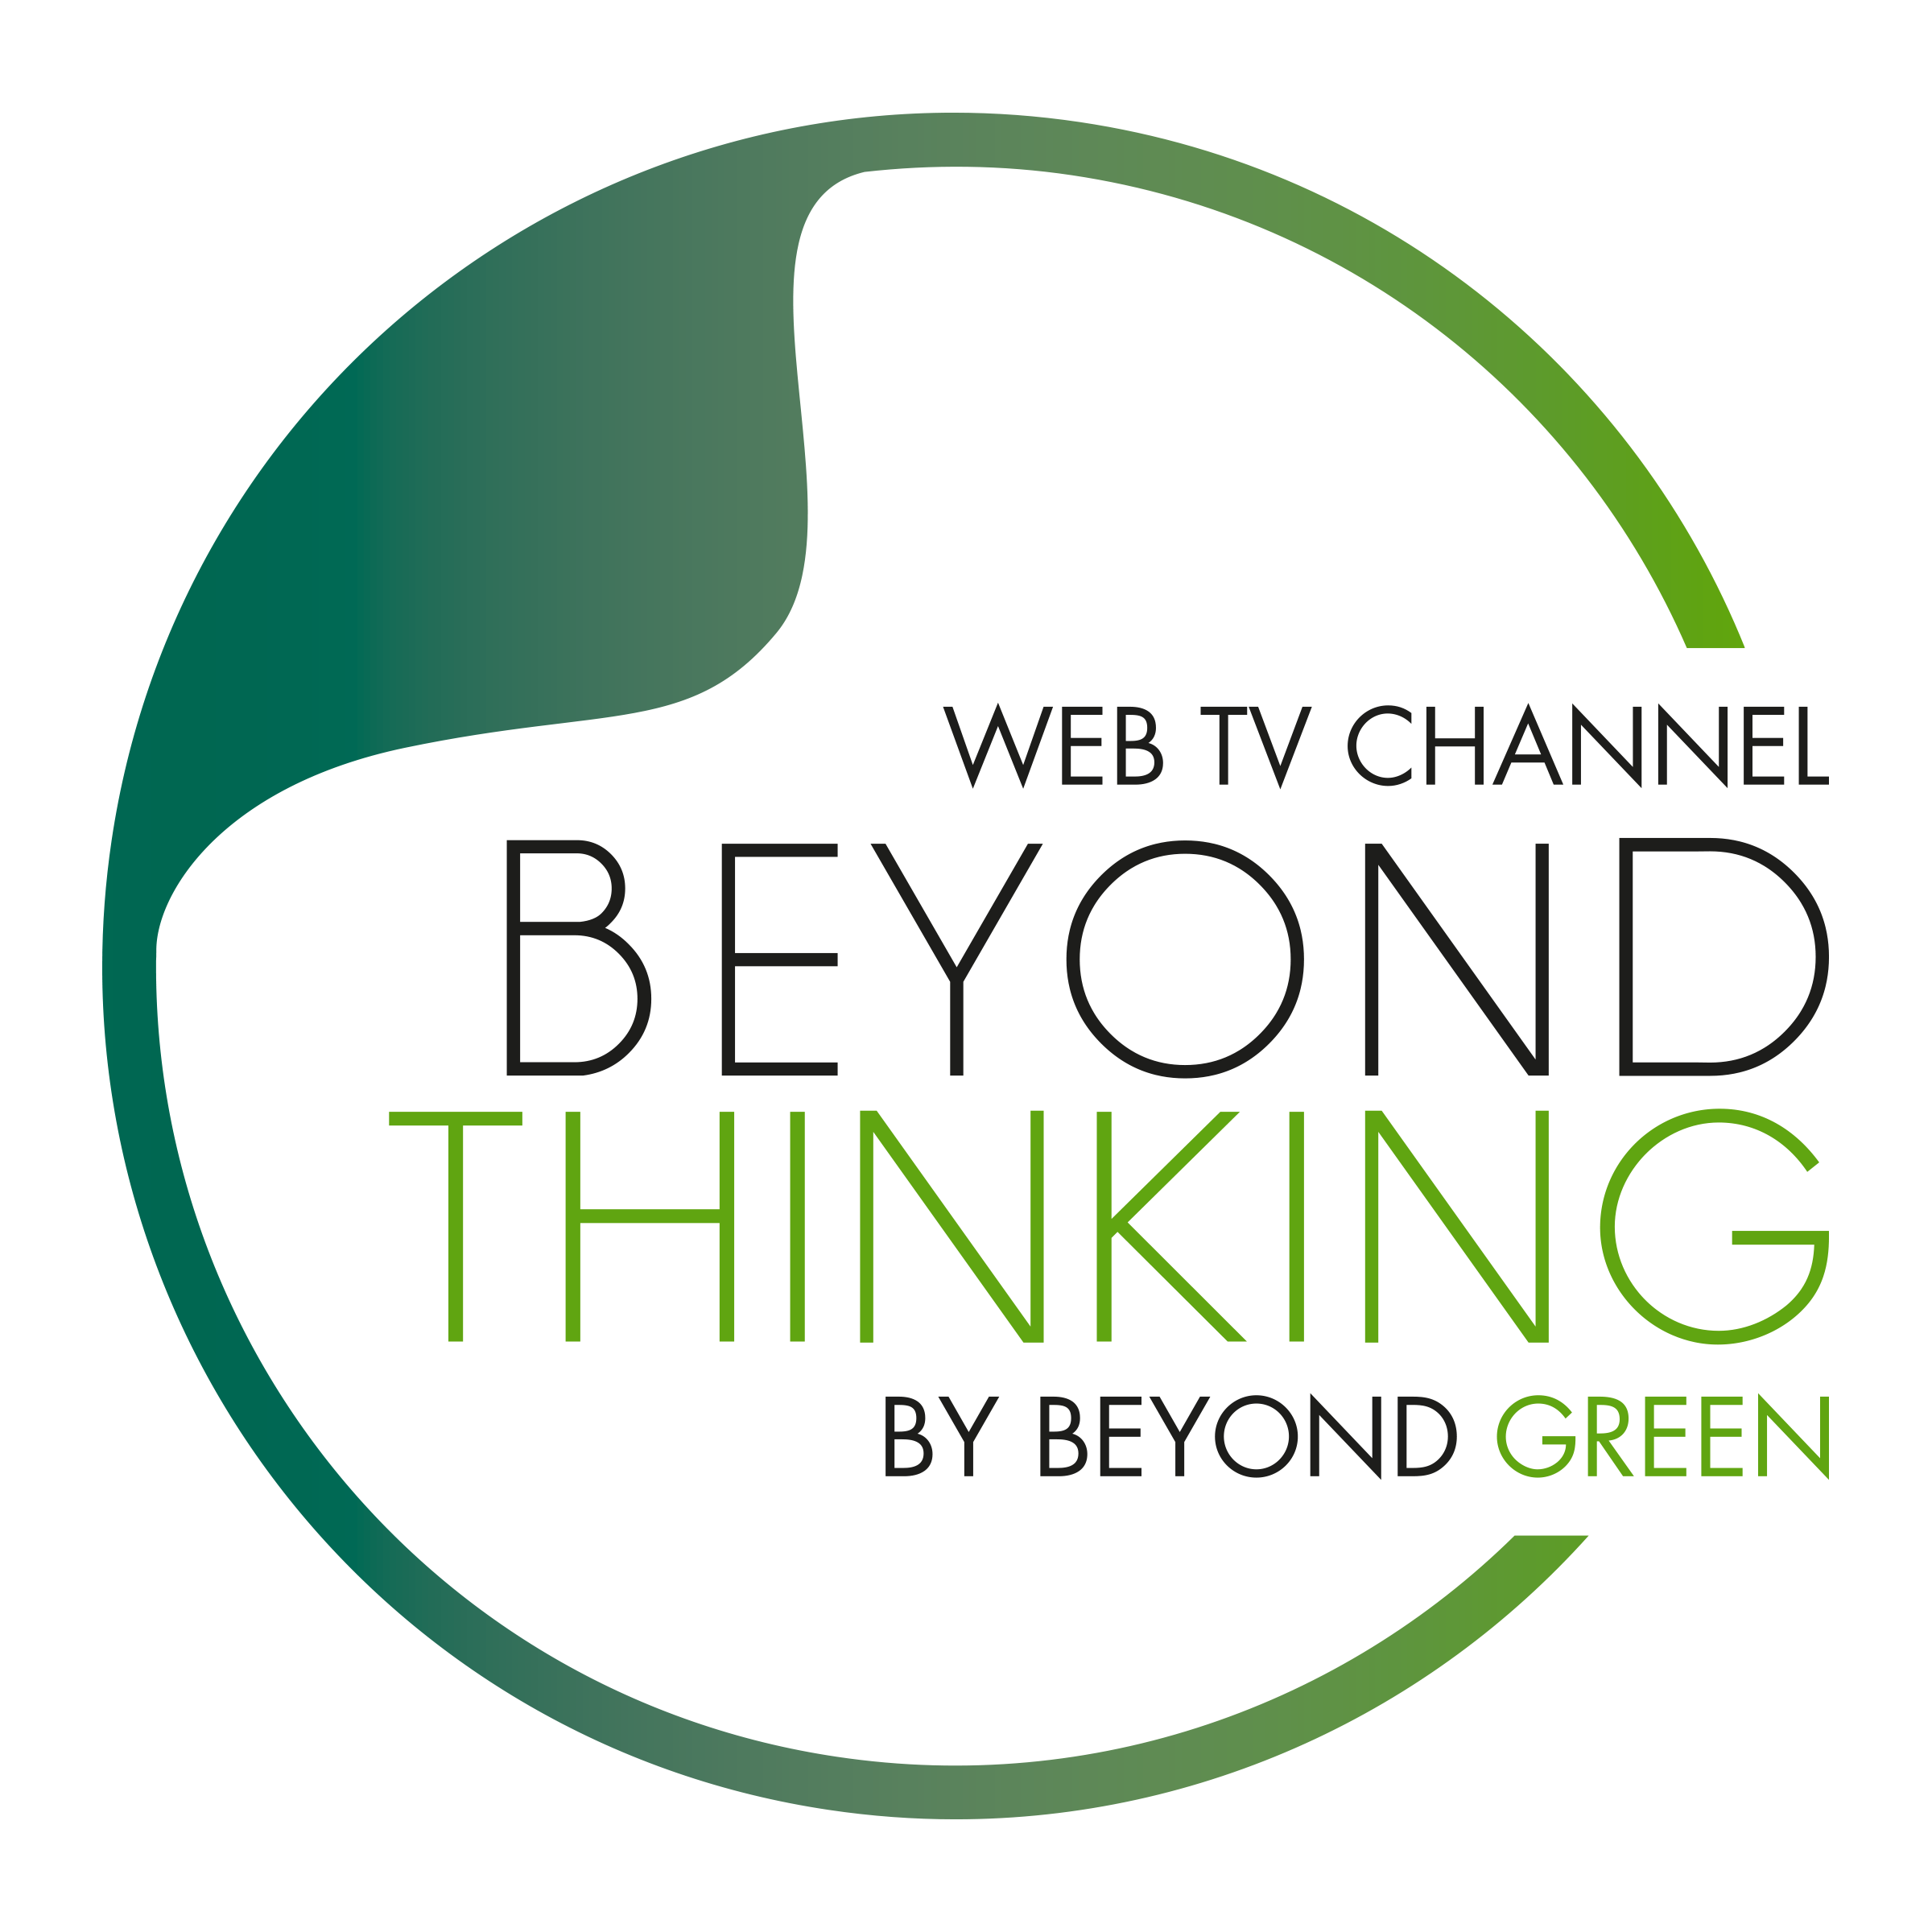 Beyondthinking_webTVChannel_FB.png